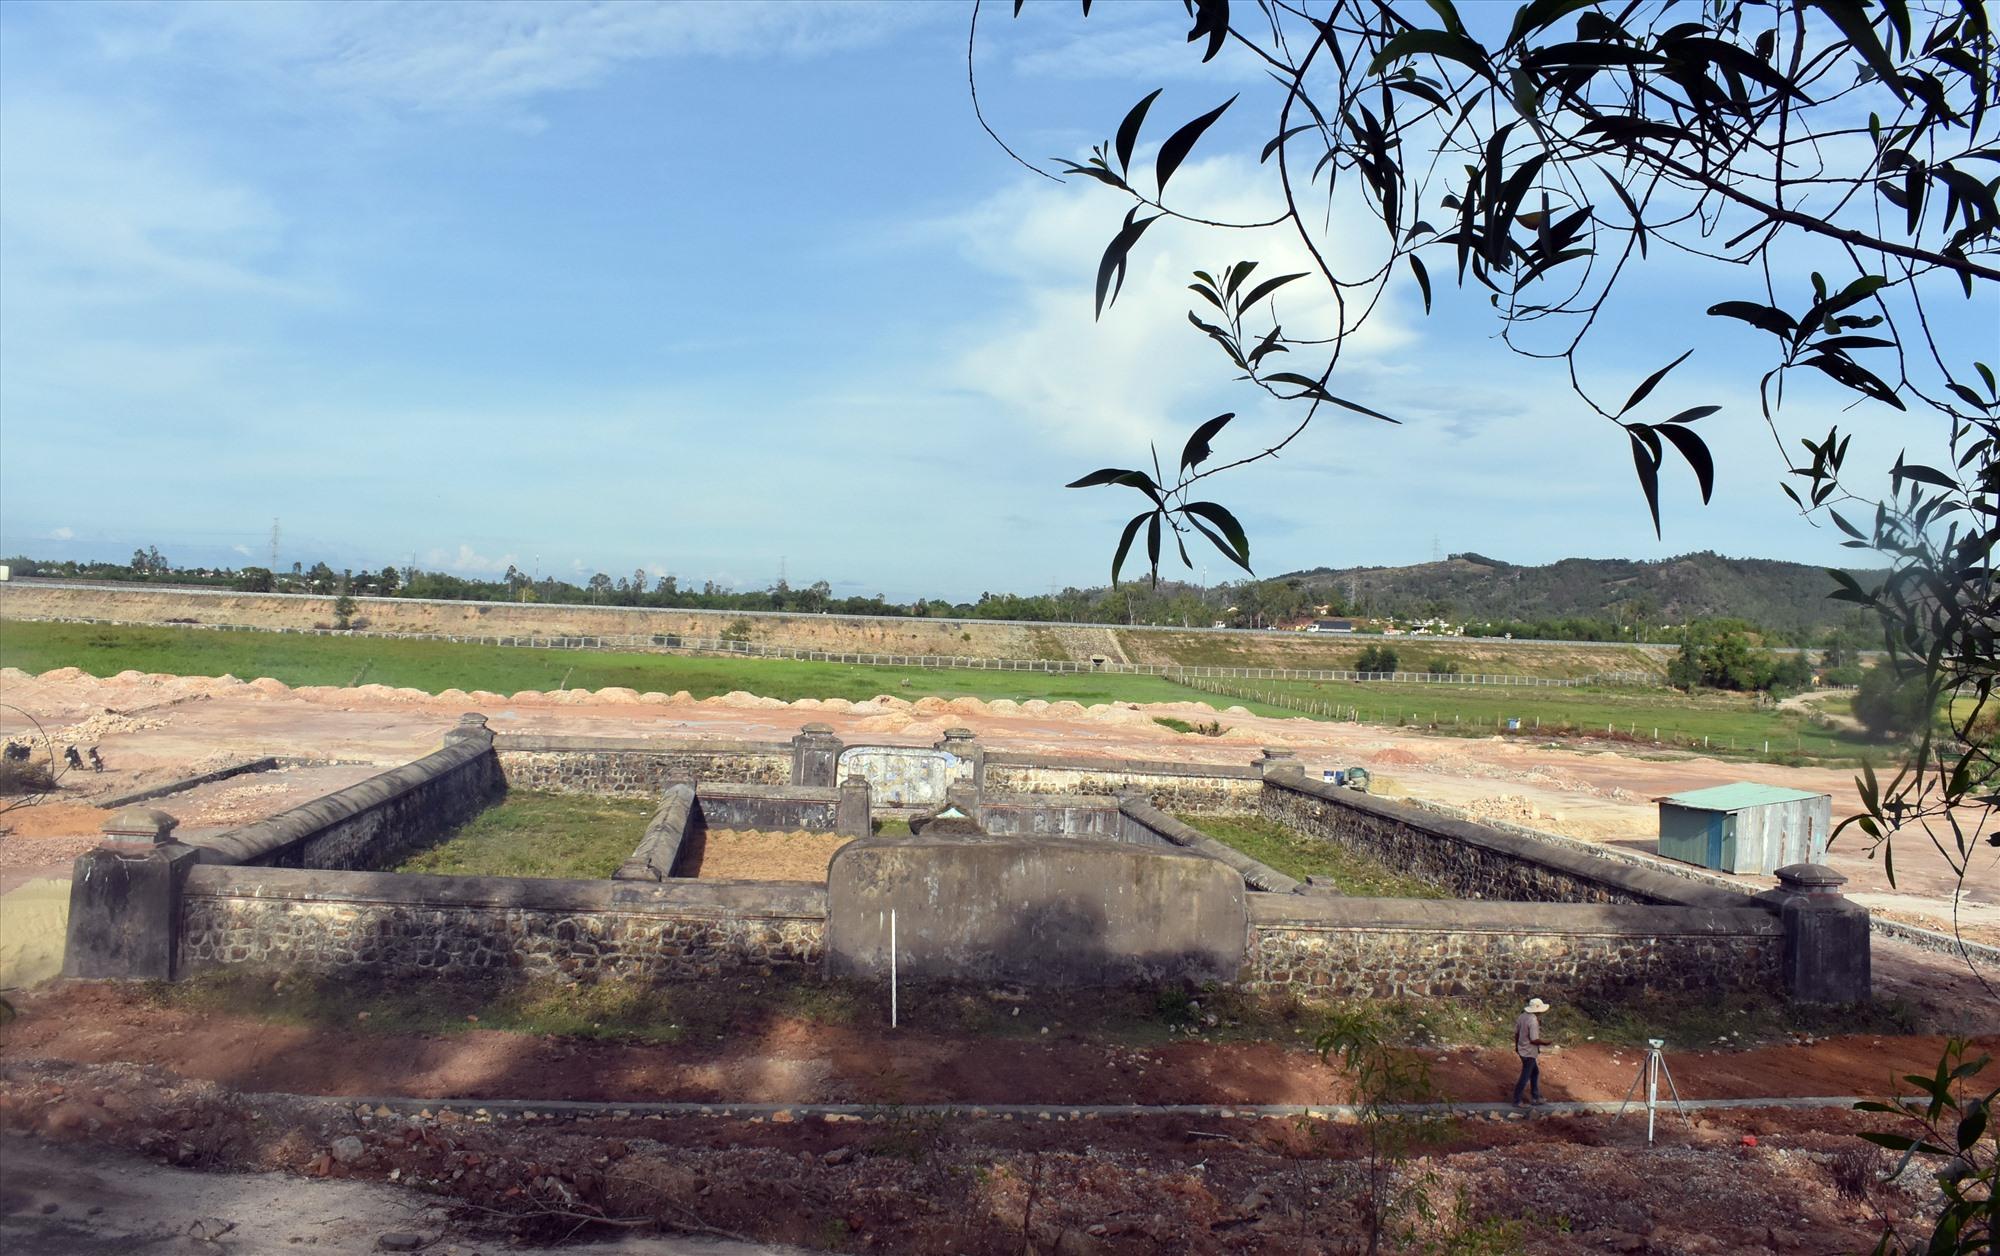 Khu di tích Lăng mộ Bà Đoàn Quý Phi sẽ trở thành điểm du lịch của du khách khi đến Mỹ Sơn